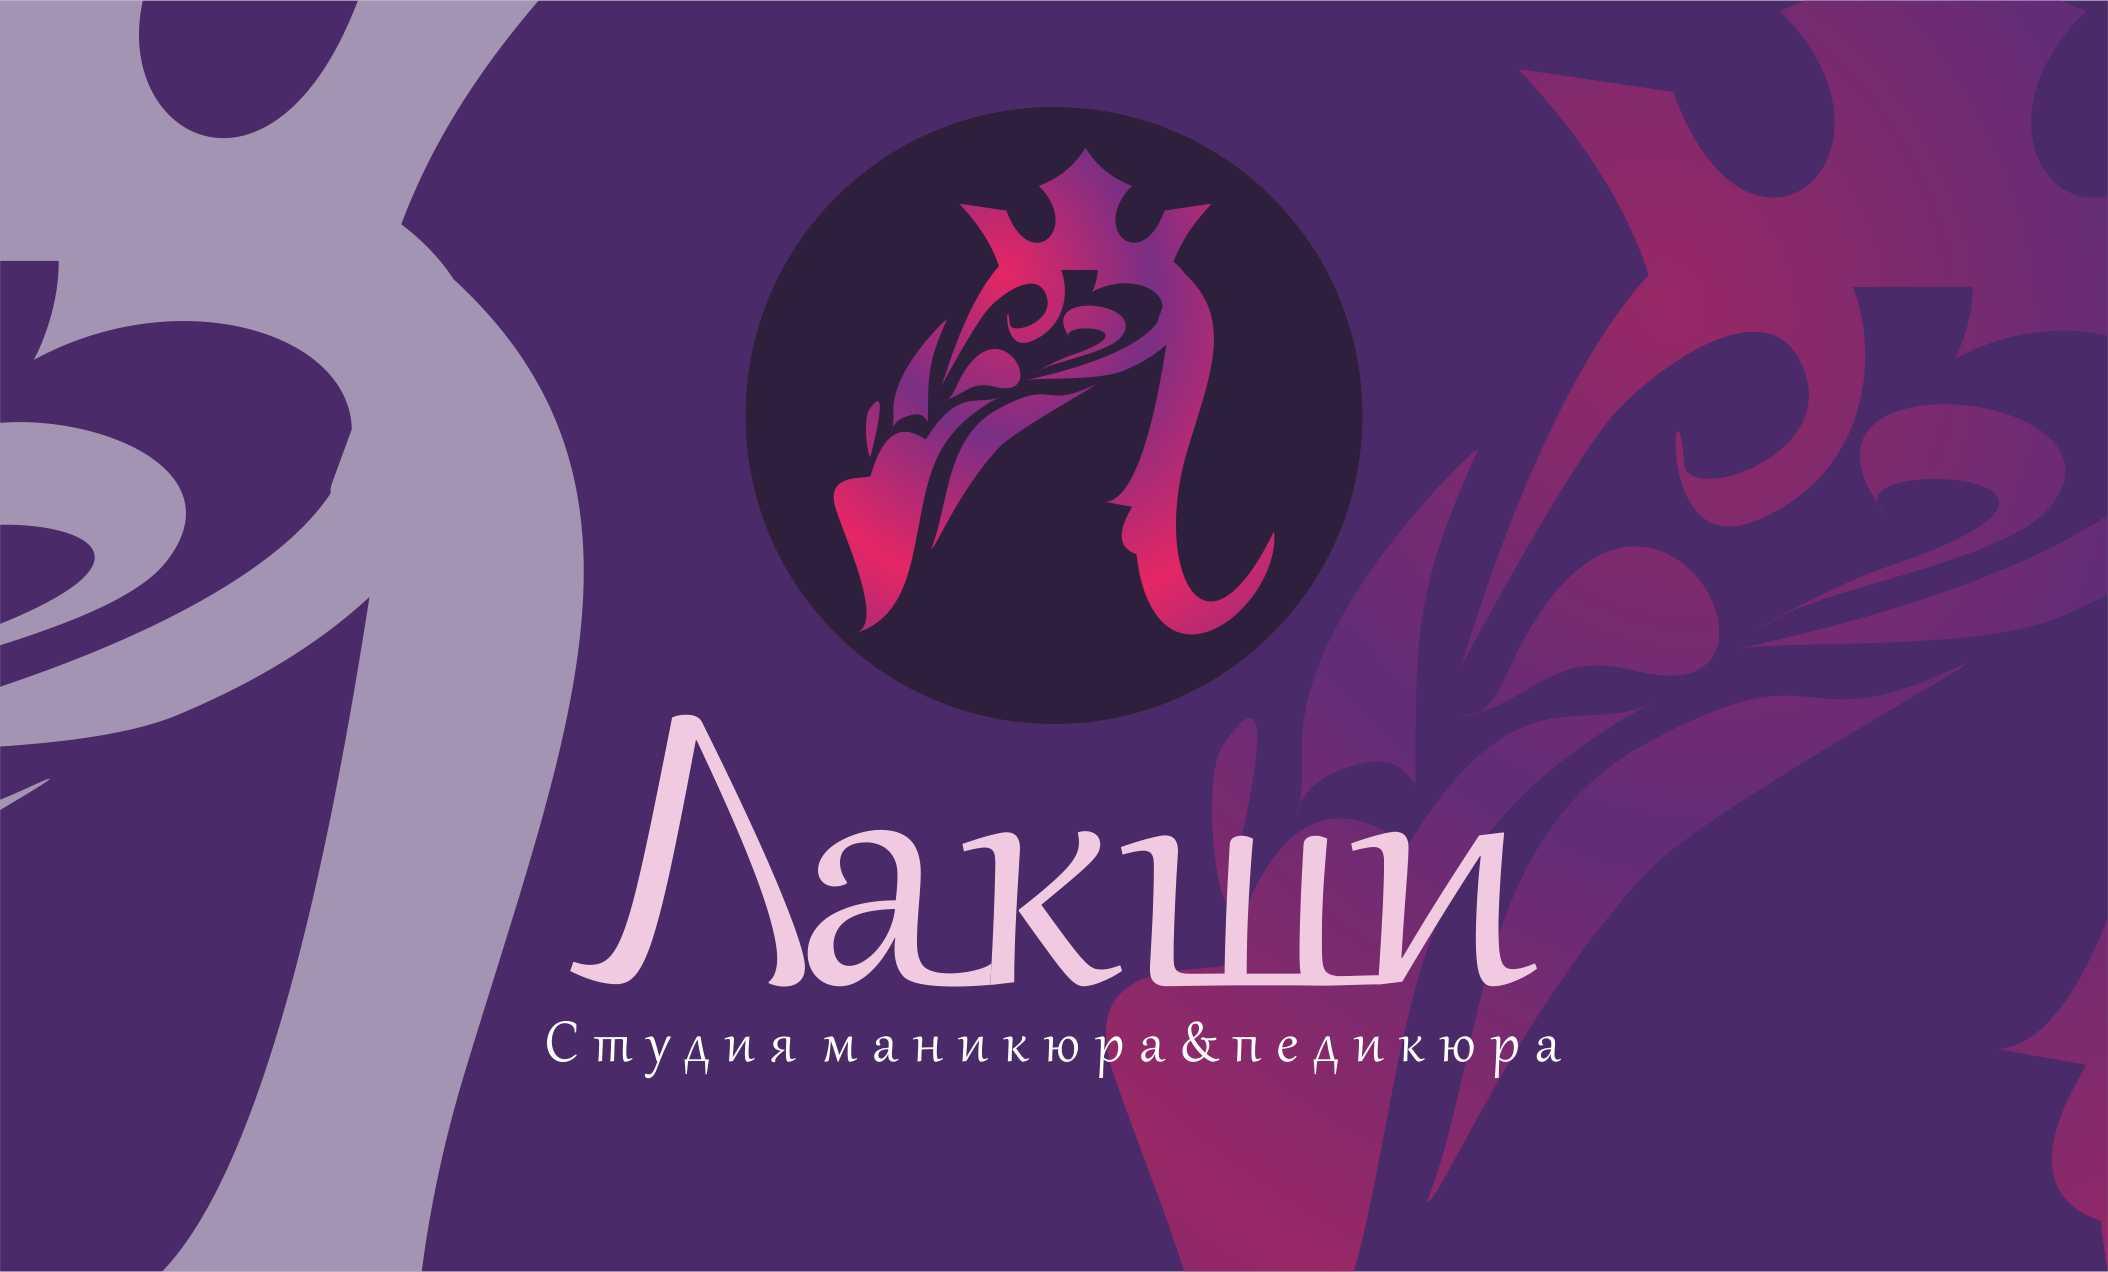 Разработка логотипа фирменного стиля фото f_8495c59656bba7ba.jpg